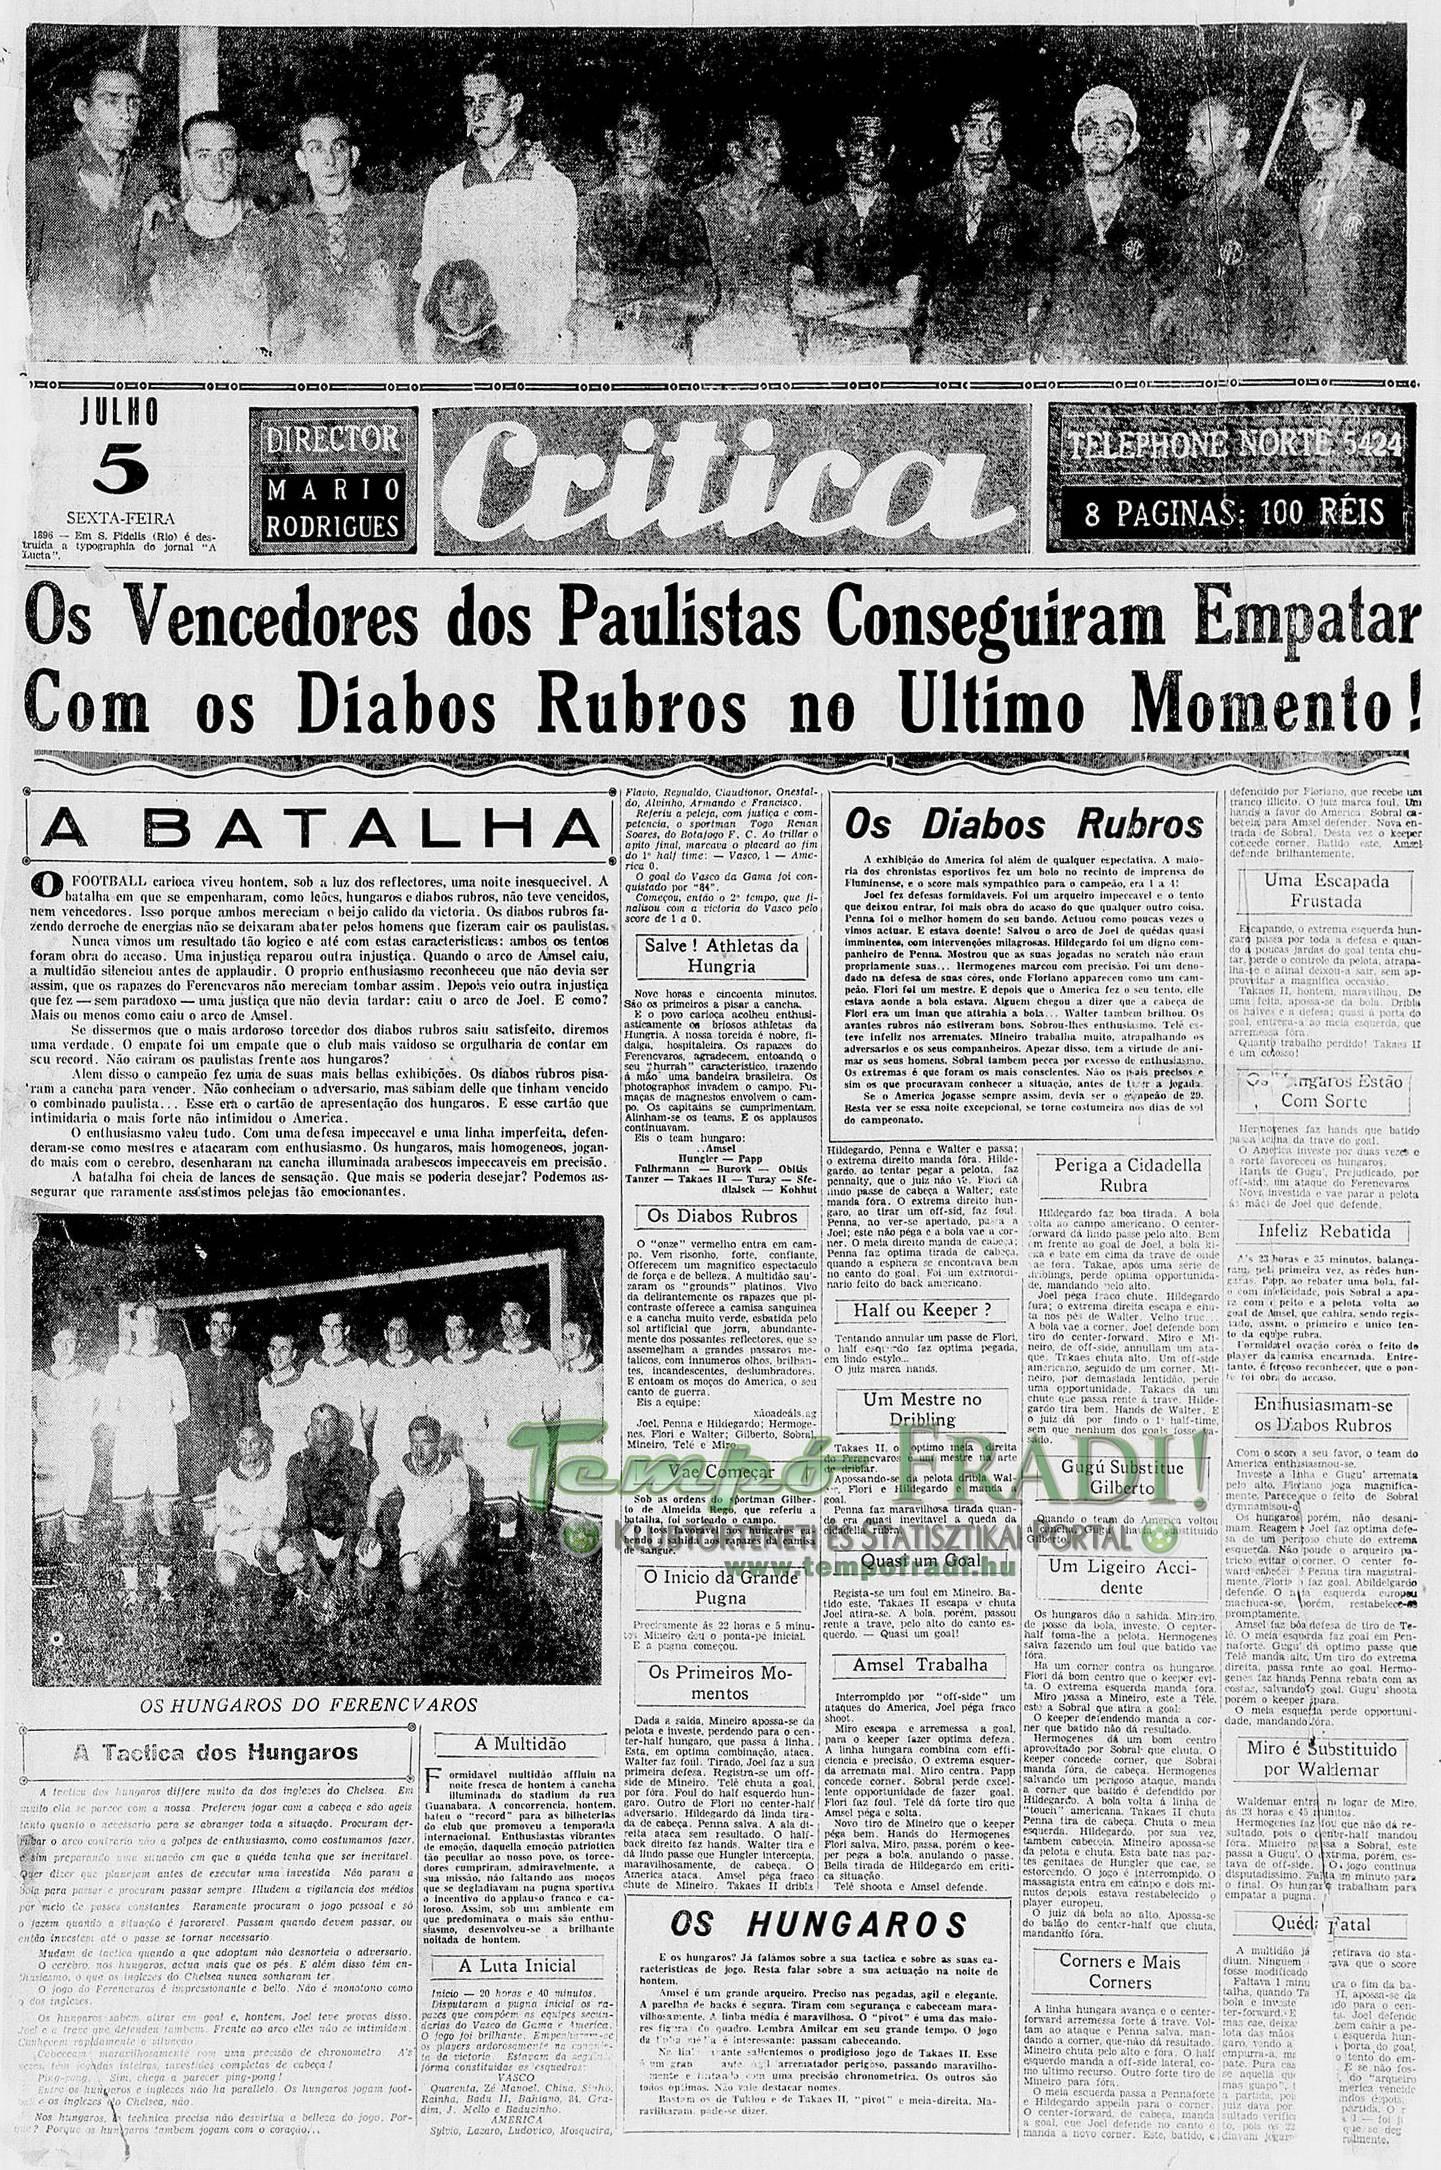 19290704-1929.7.05 Critica-RJ